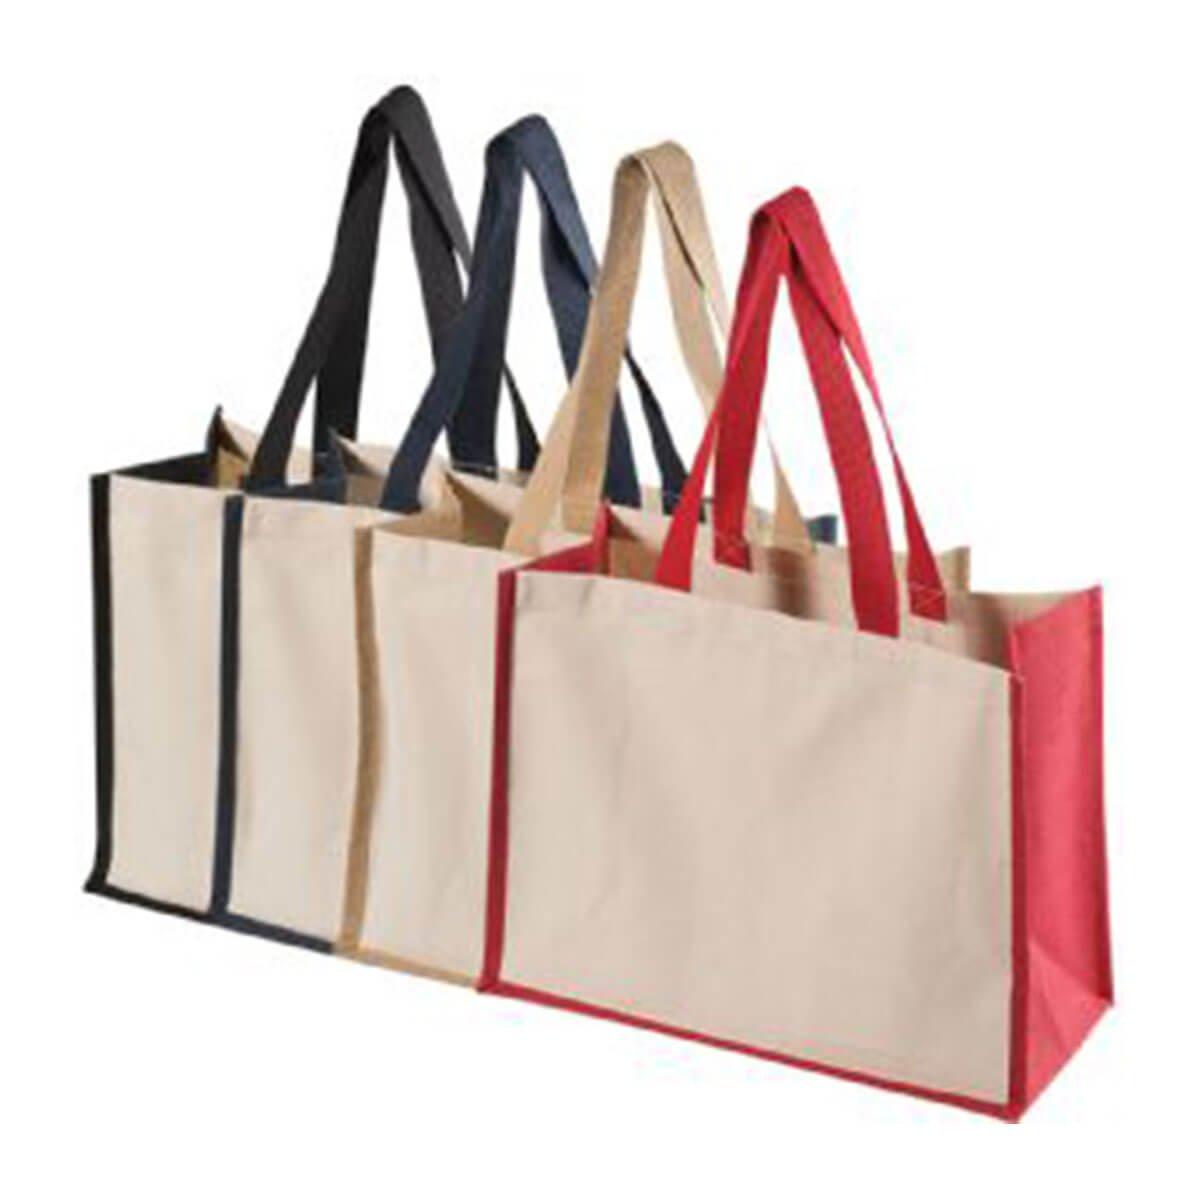 Functional Tote Bag-Black/Natural